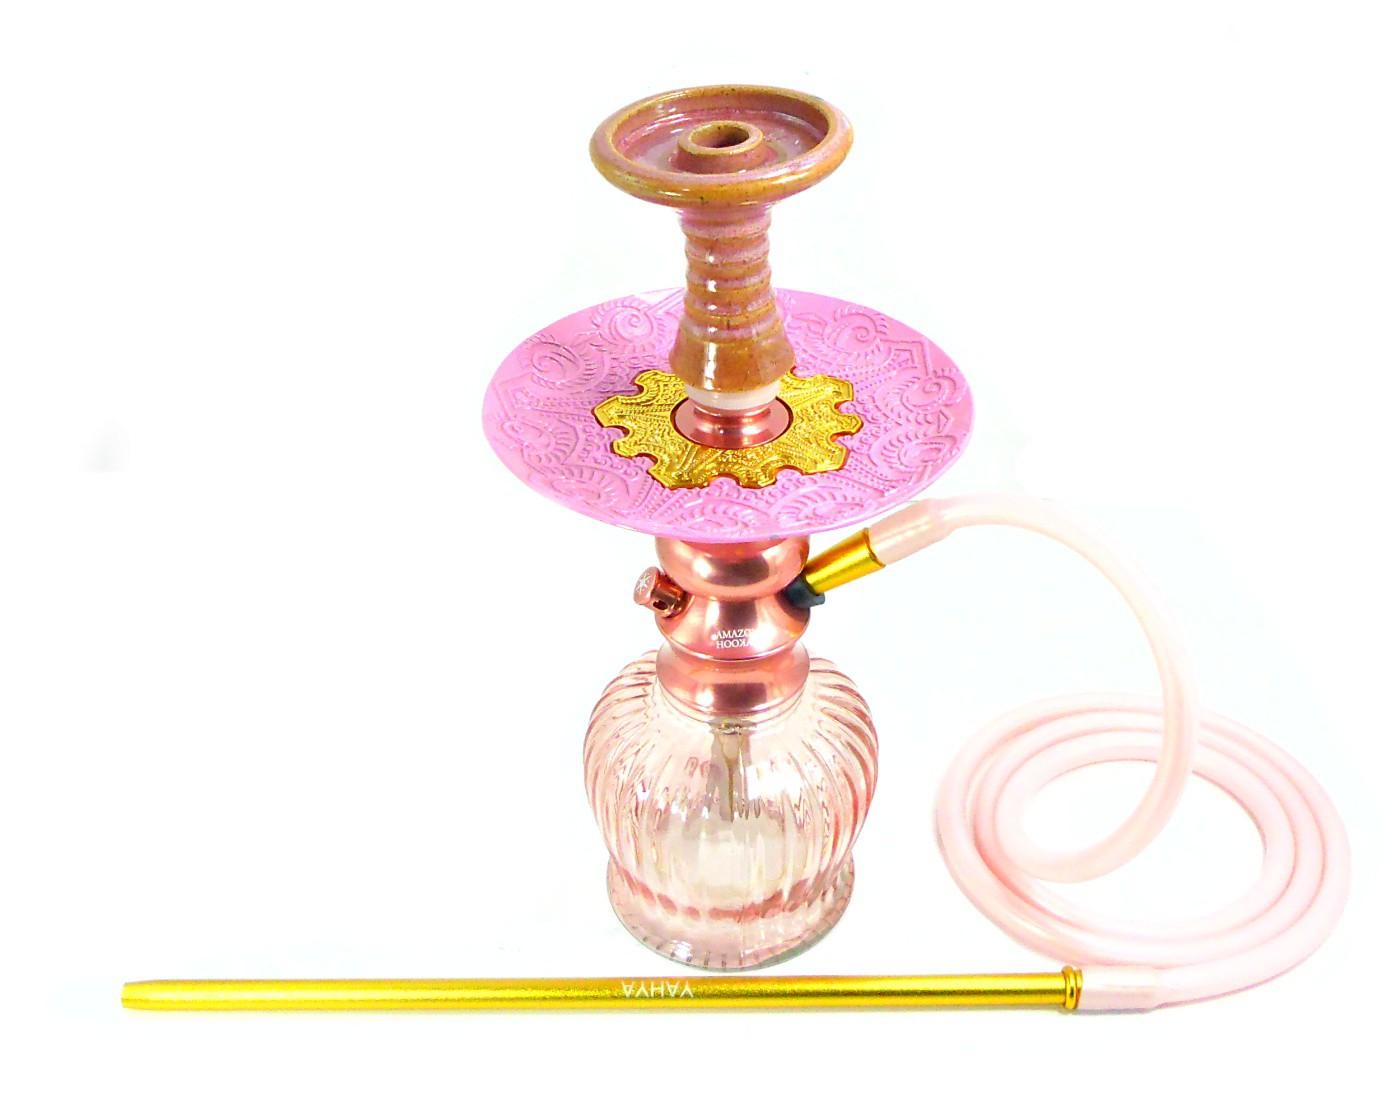 Narguile Amazon Lord Rosé, vaso QT rosé, mang.silicone, piteira alumínio,rosh IL Bowl, prato Vennus Rosa e dourado